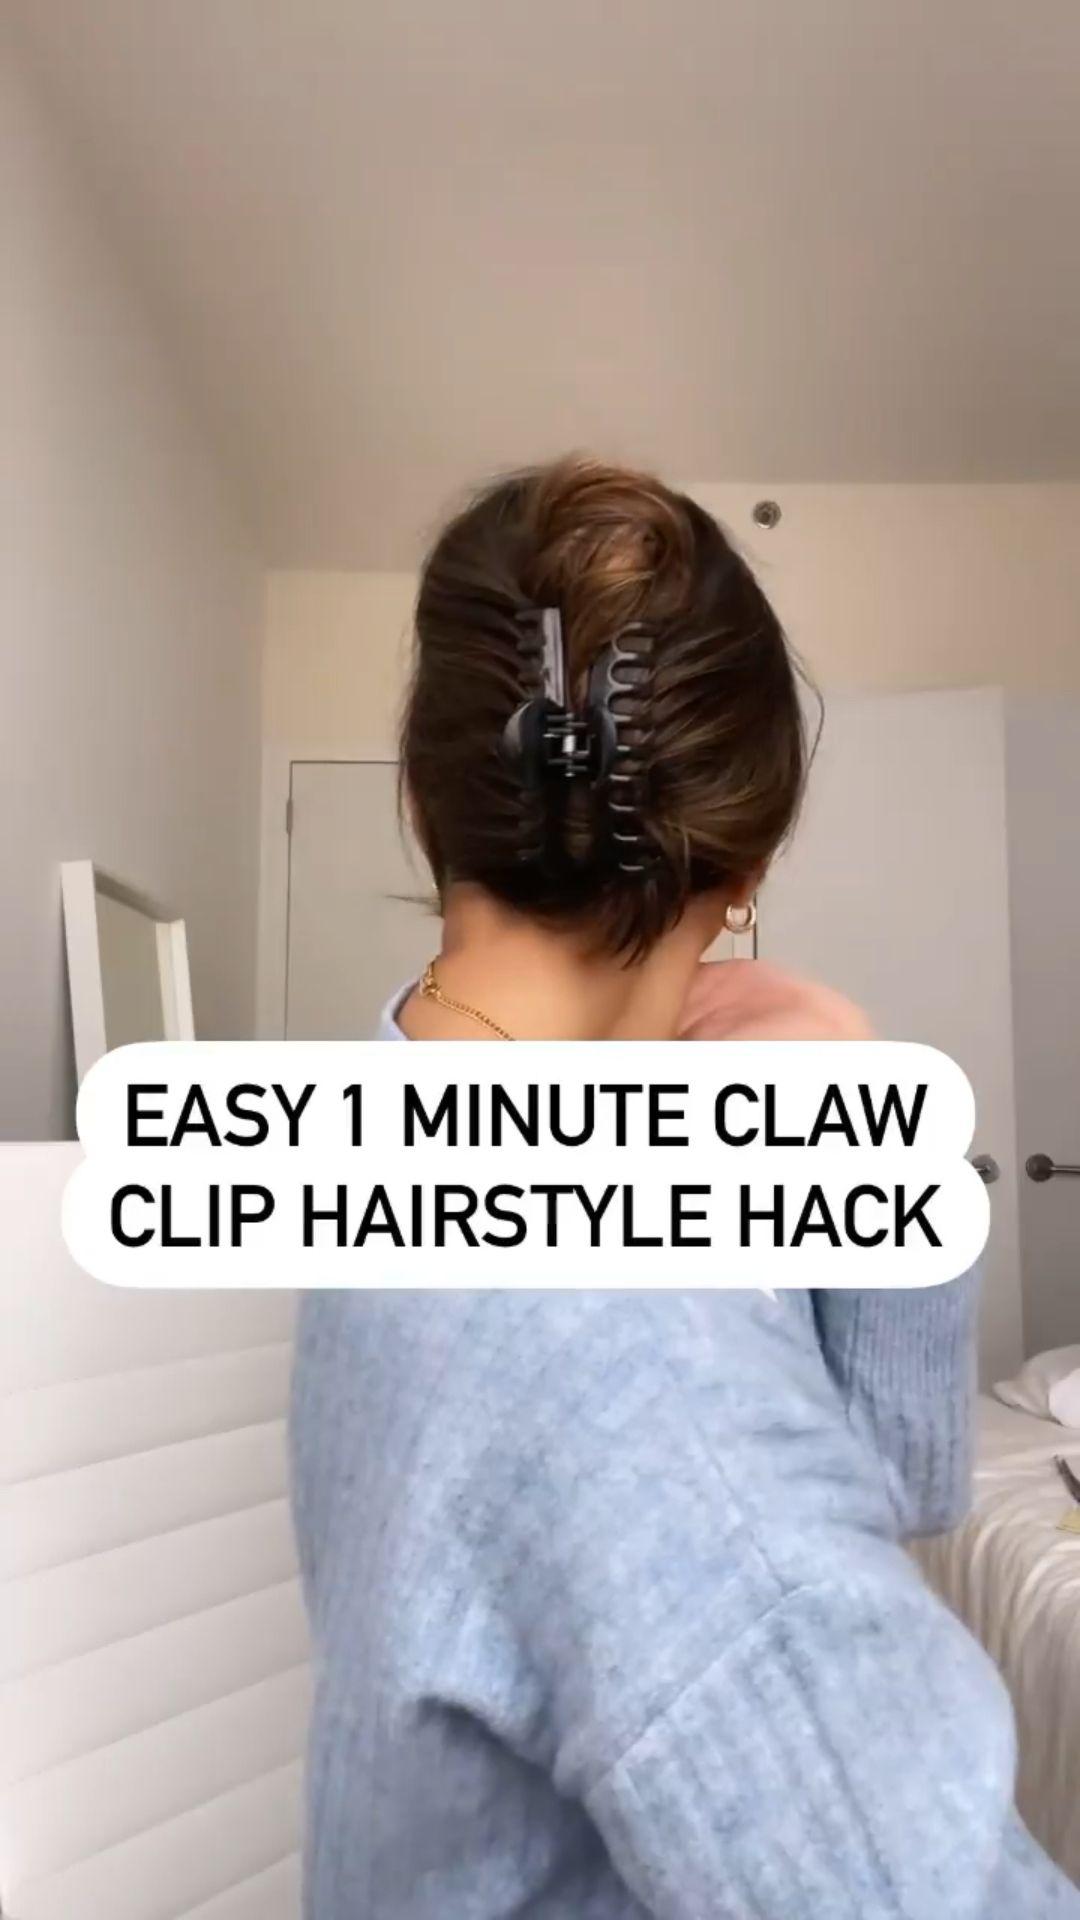 EASY HAIR HACK